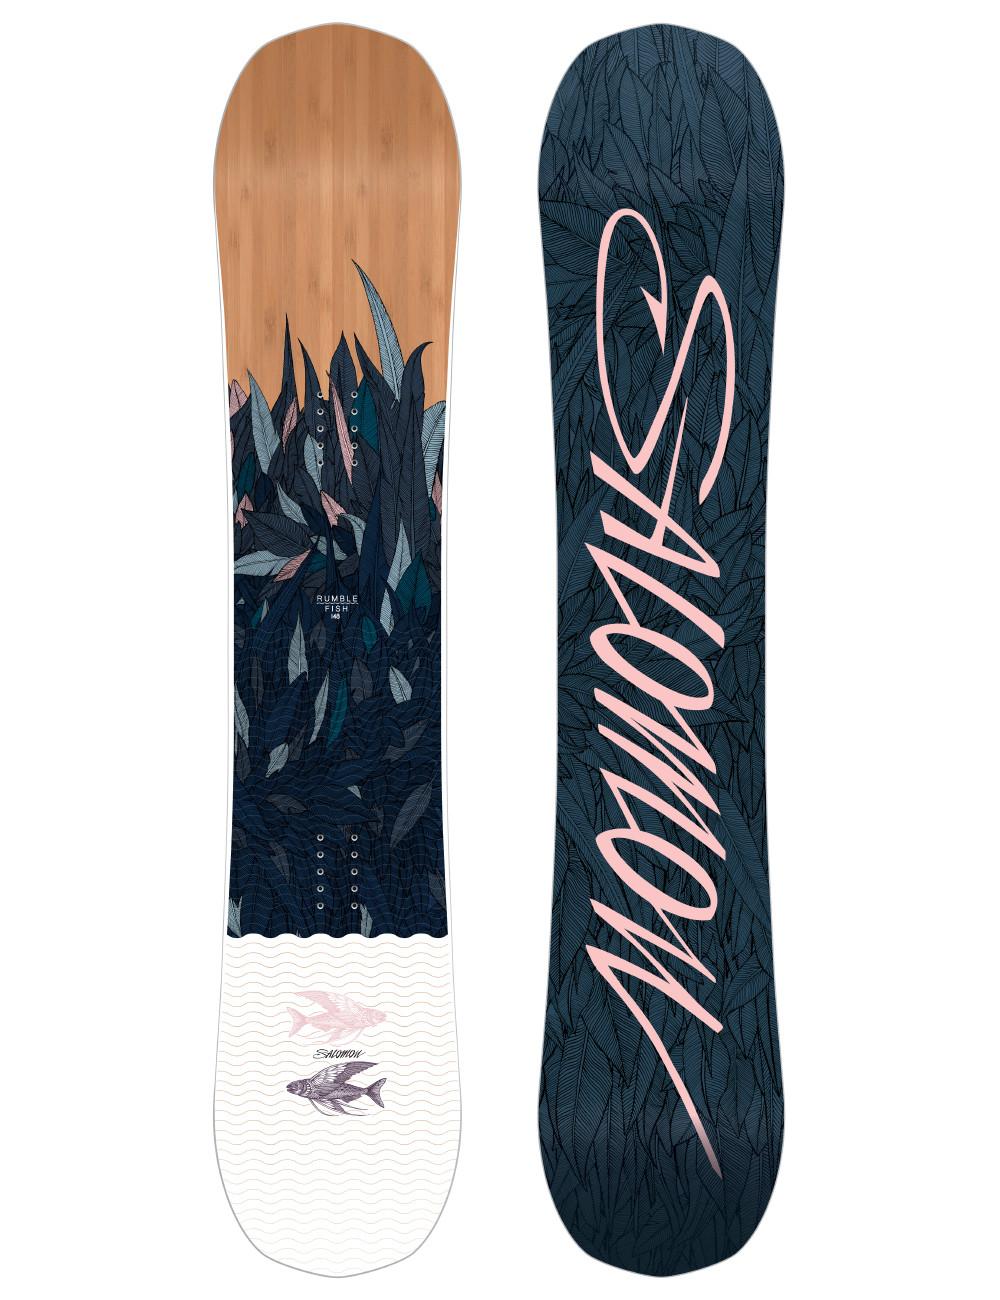 Deska snowboardowa Salomon RUMBLE FISH | GOLD SPORT